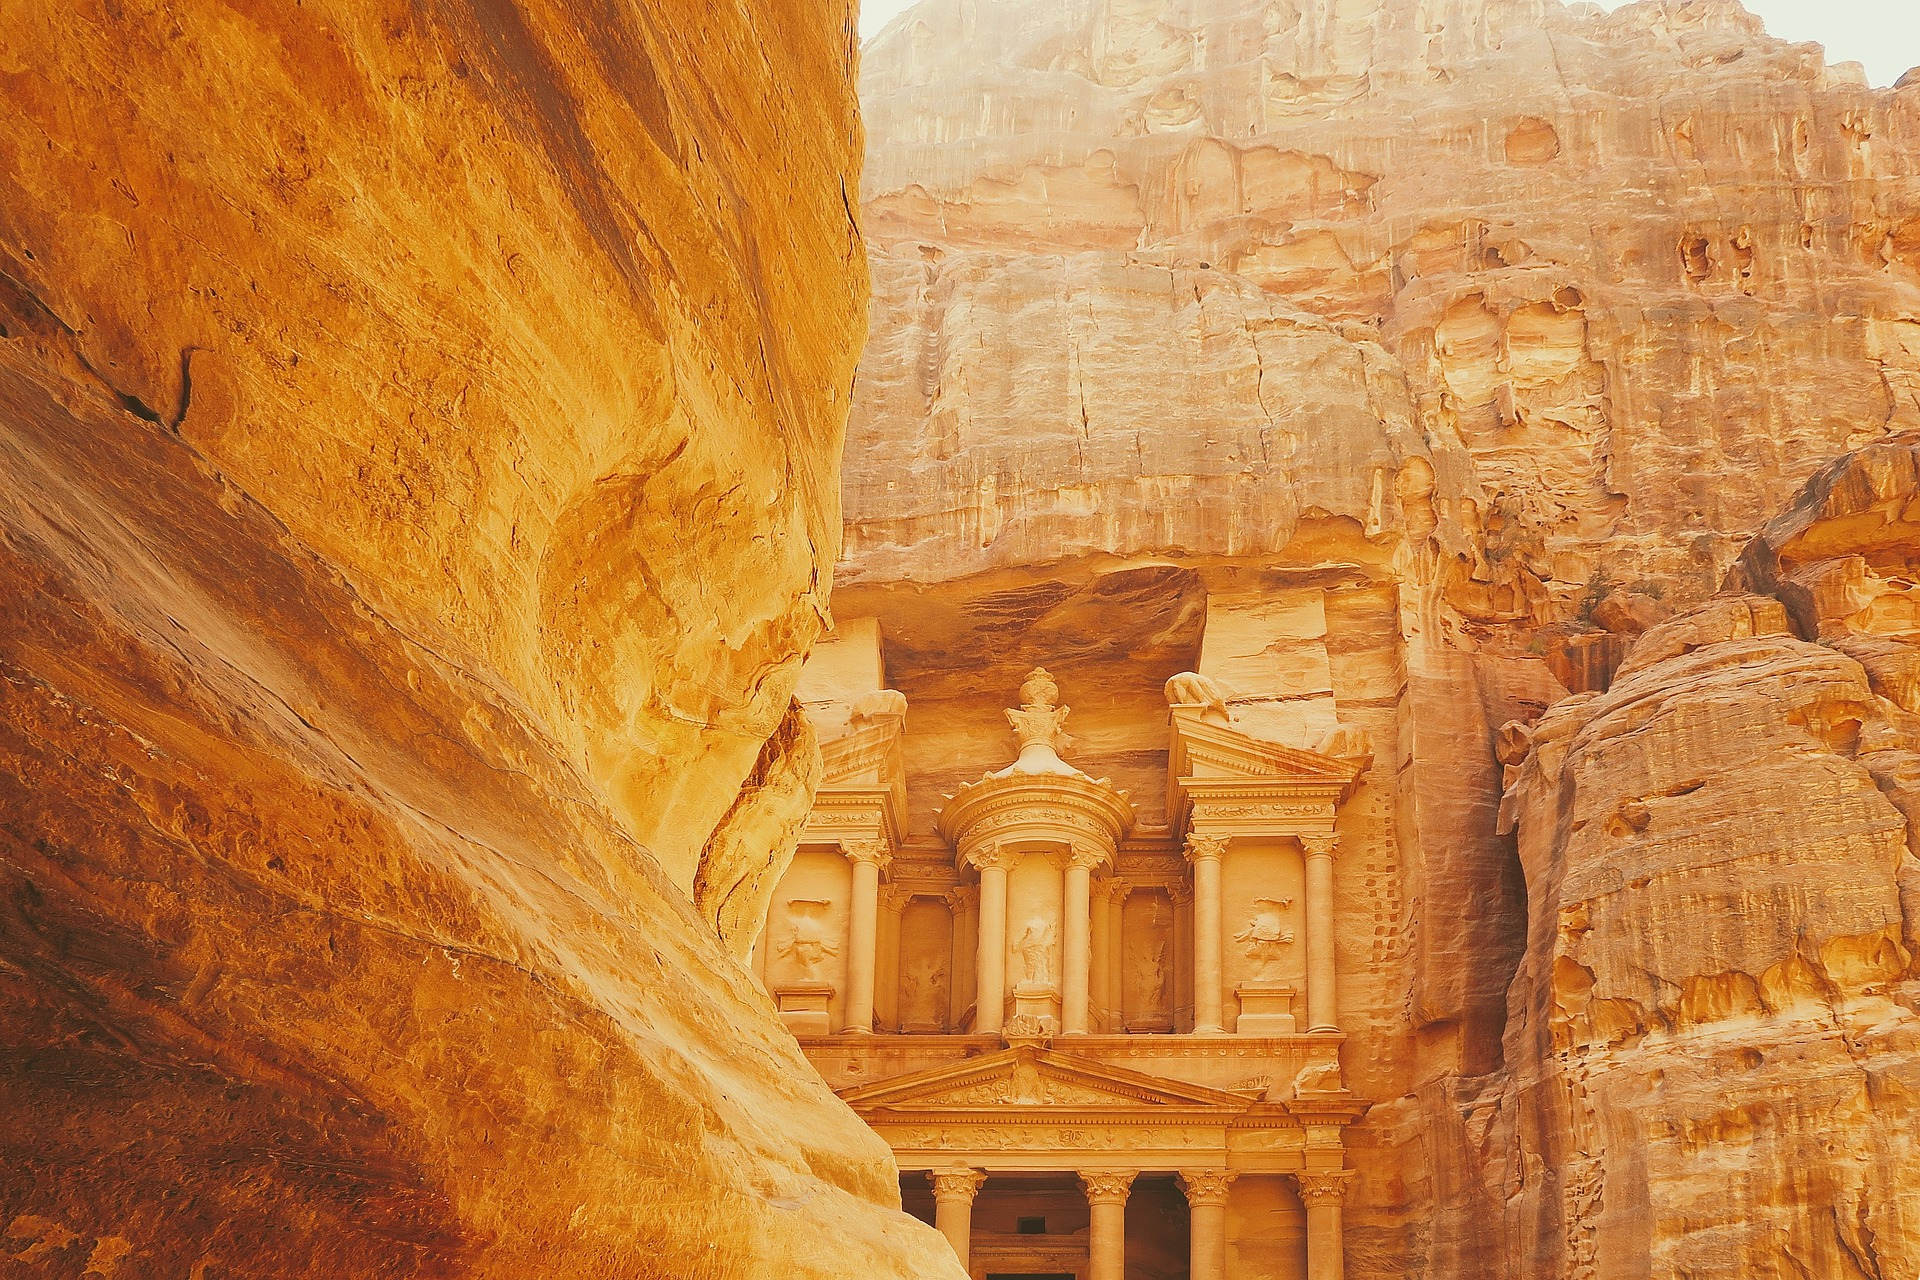 Les aventuriers de la Jordanie perdue